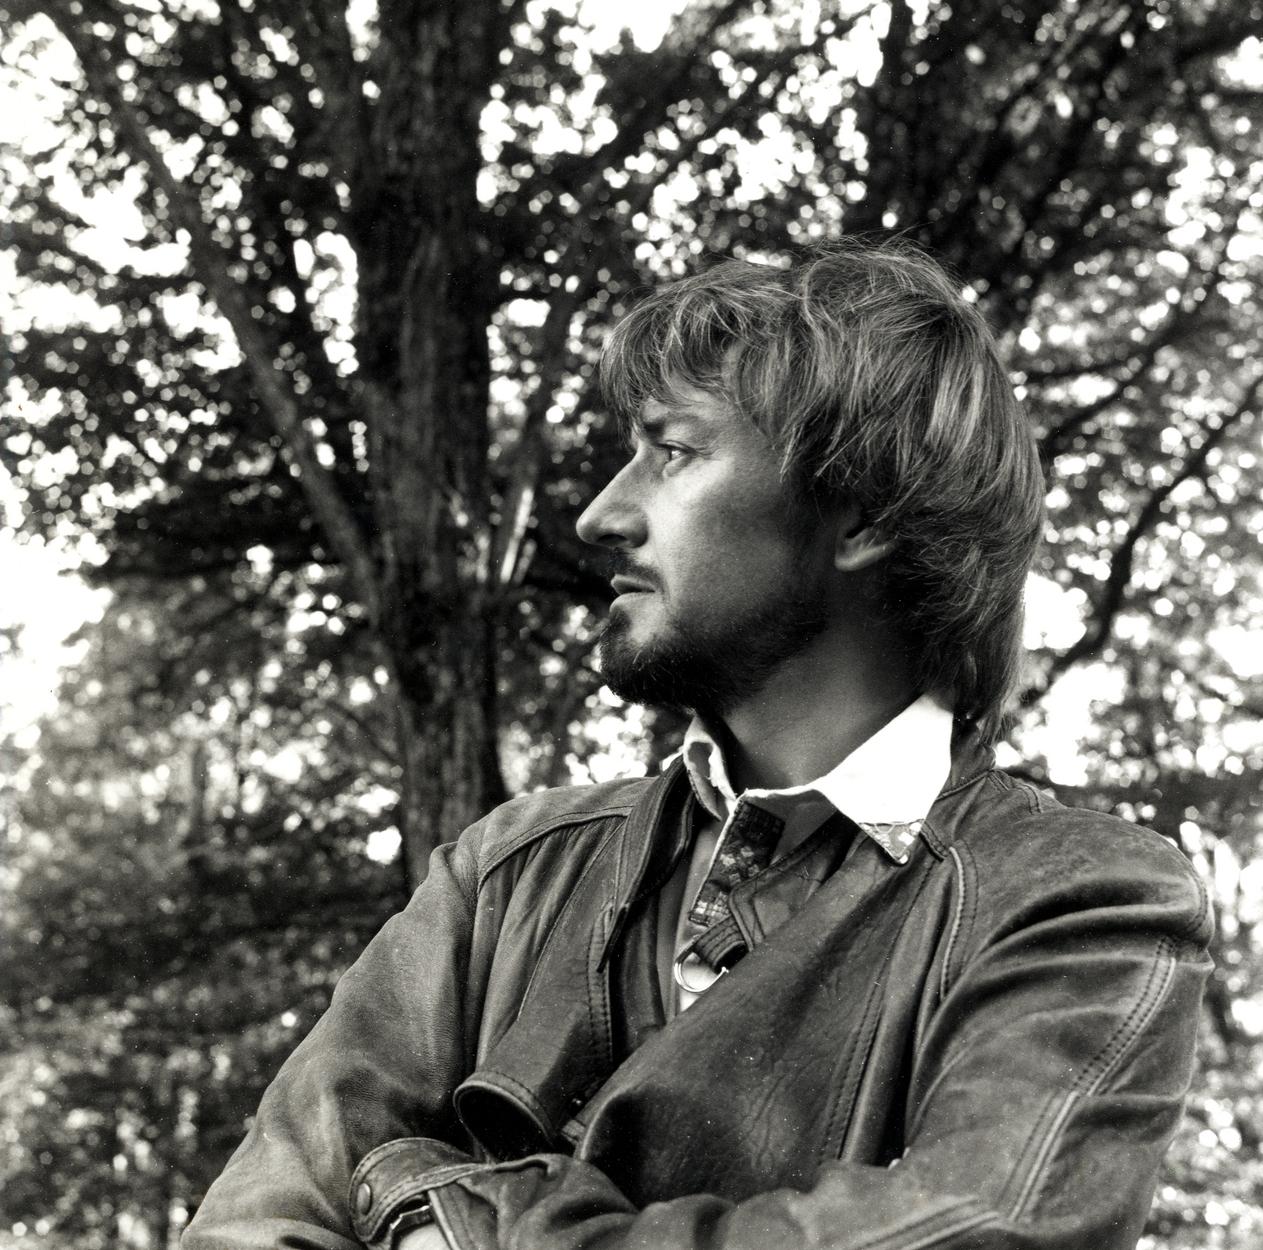 image for Florentz, Jean-Louis (1947-2004)